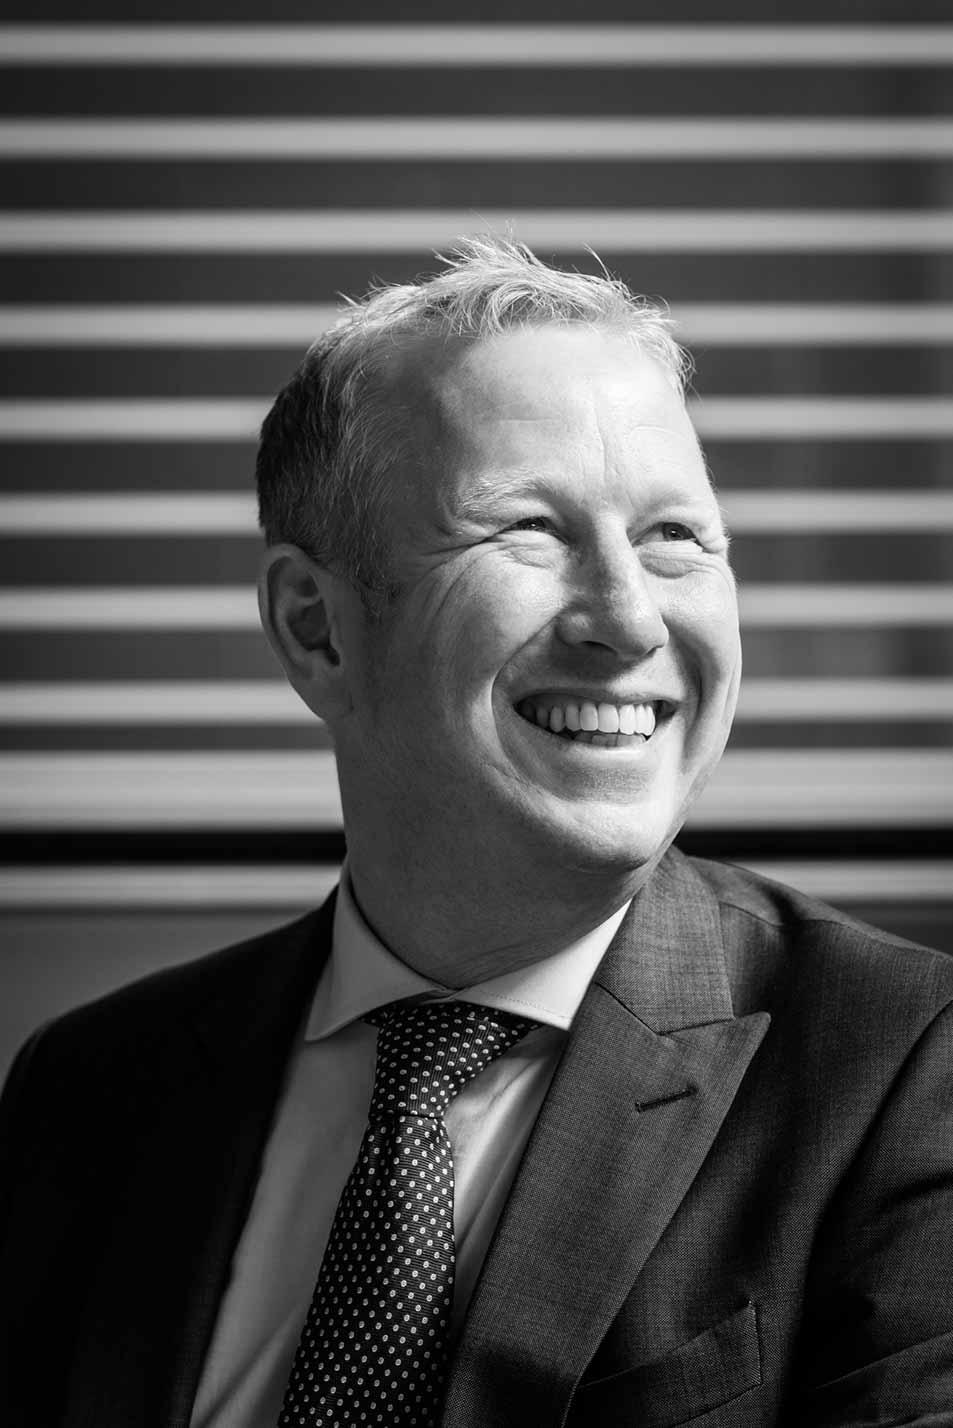 directieportret portretfotografie six financial information amsterdam jorn vos